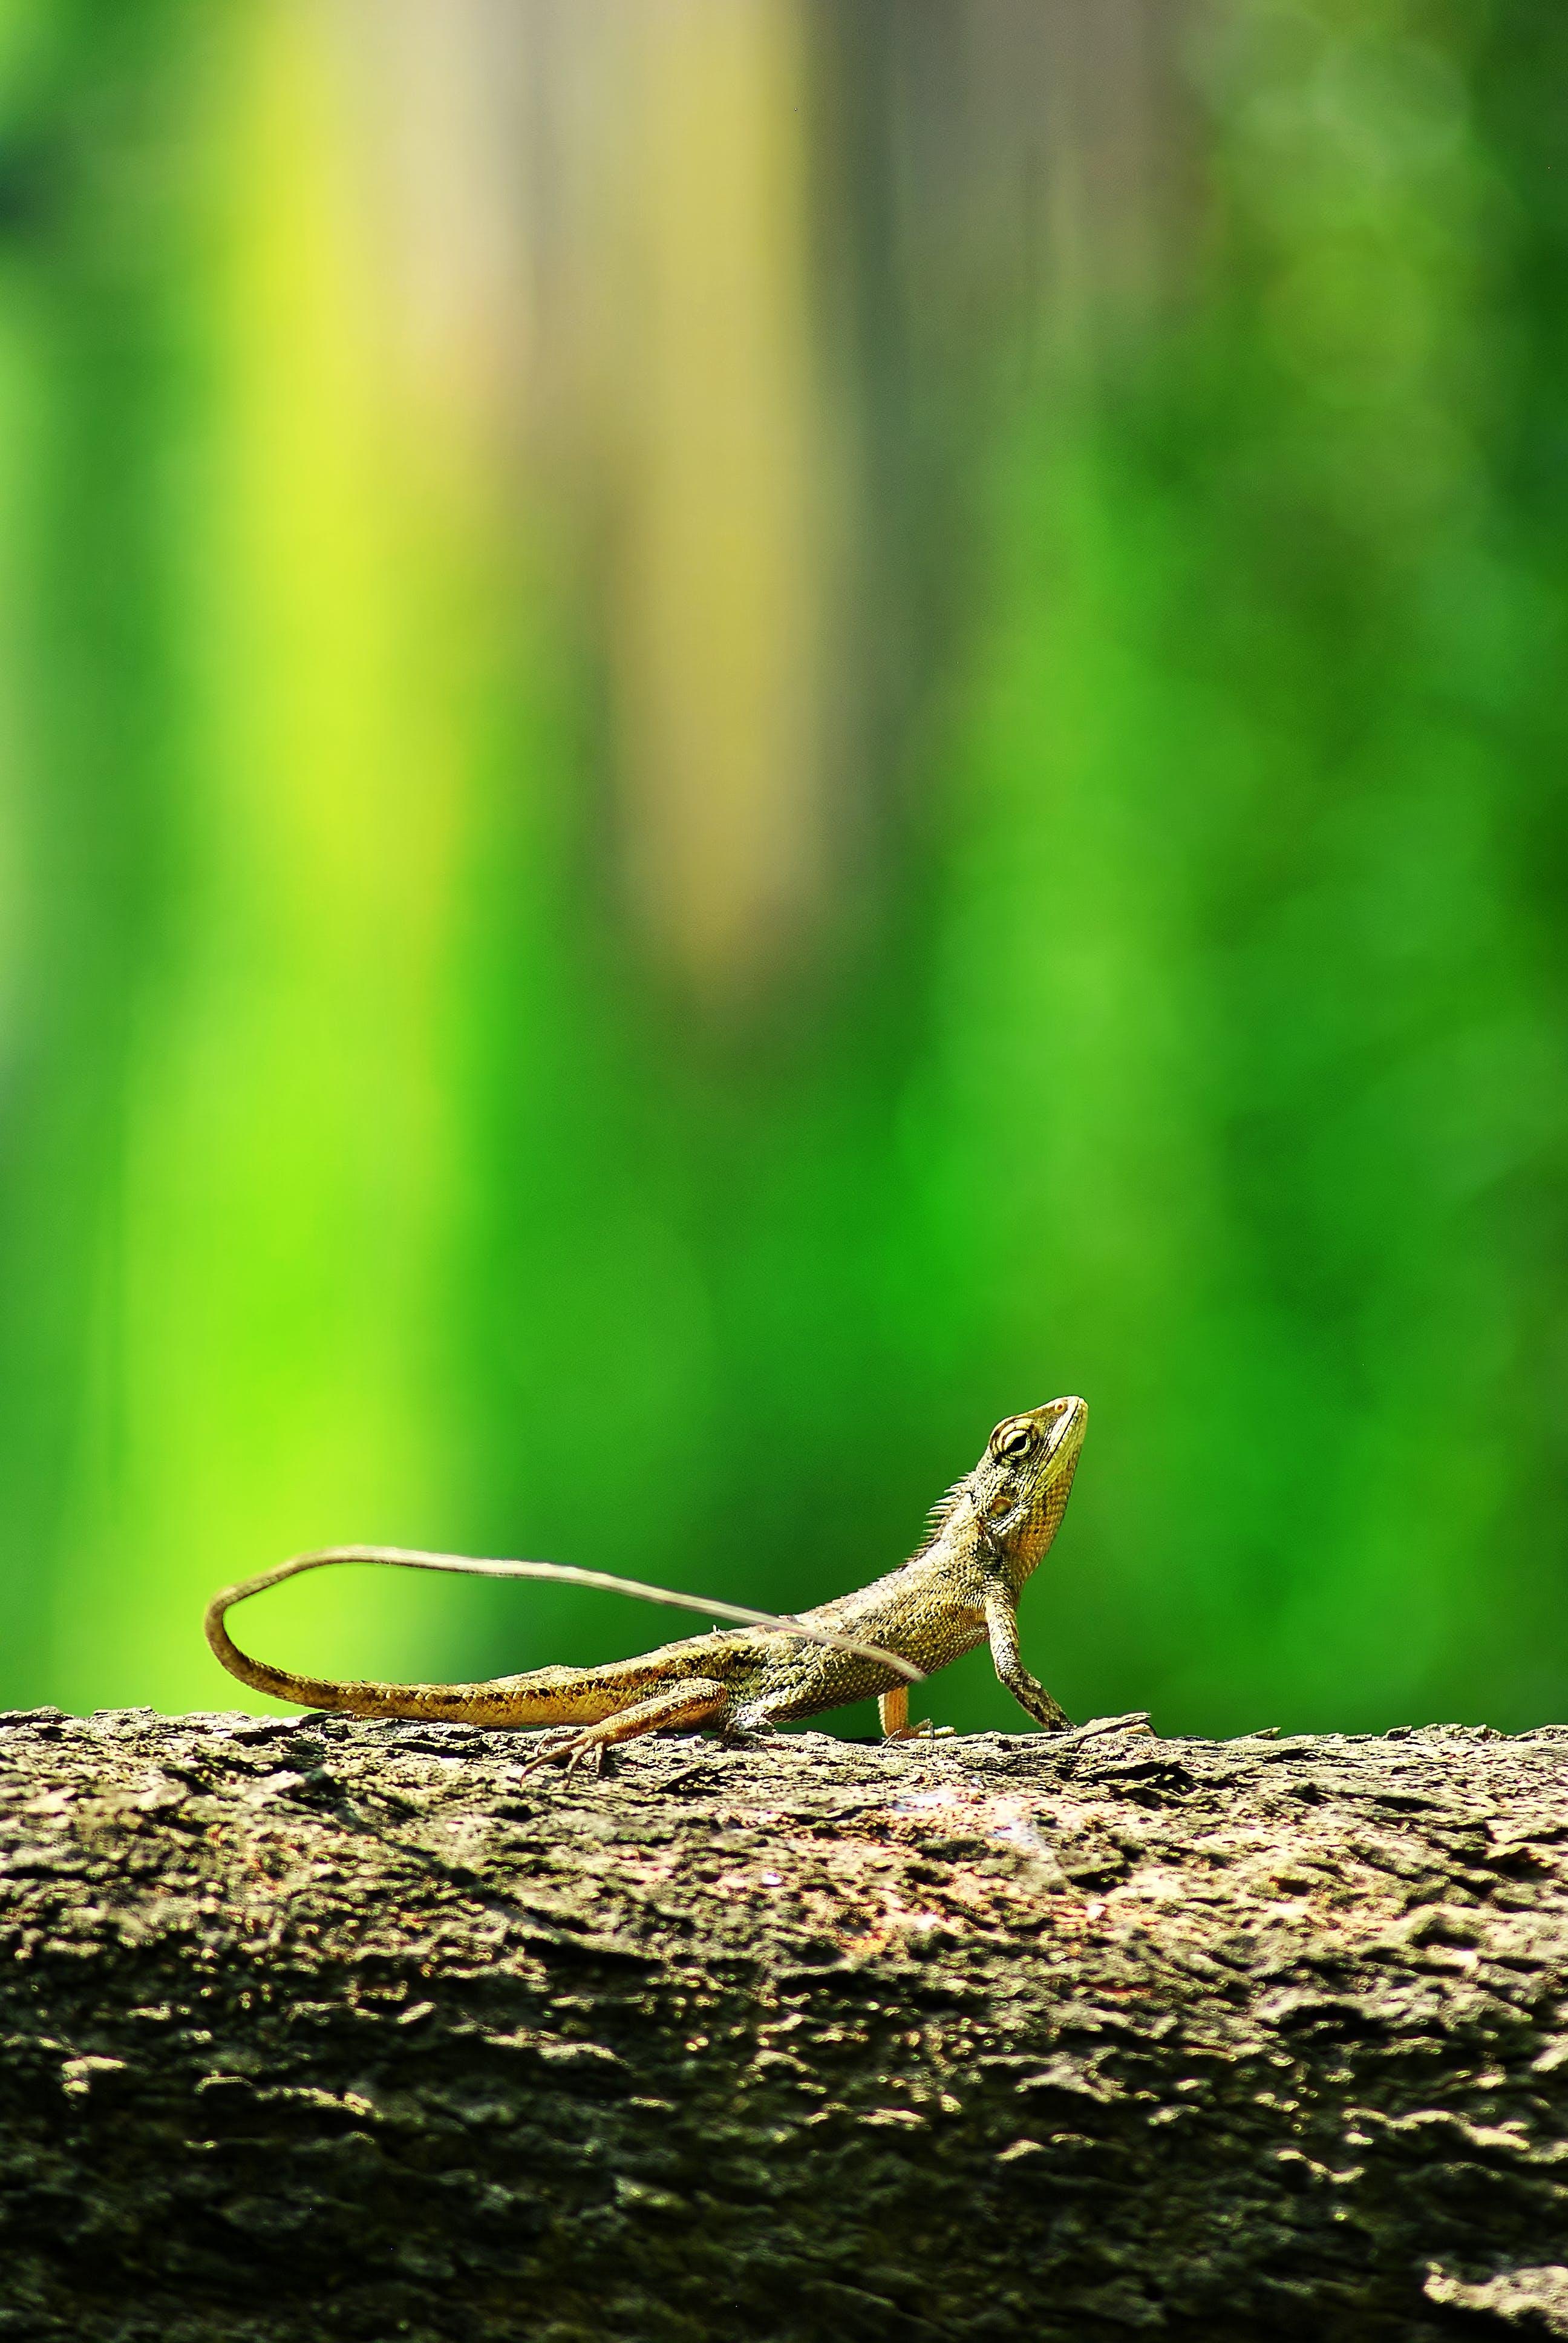 Free stock photo of amay, animal, bekasi, green